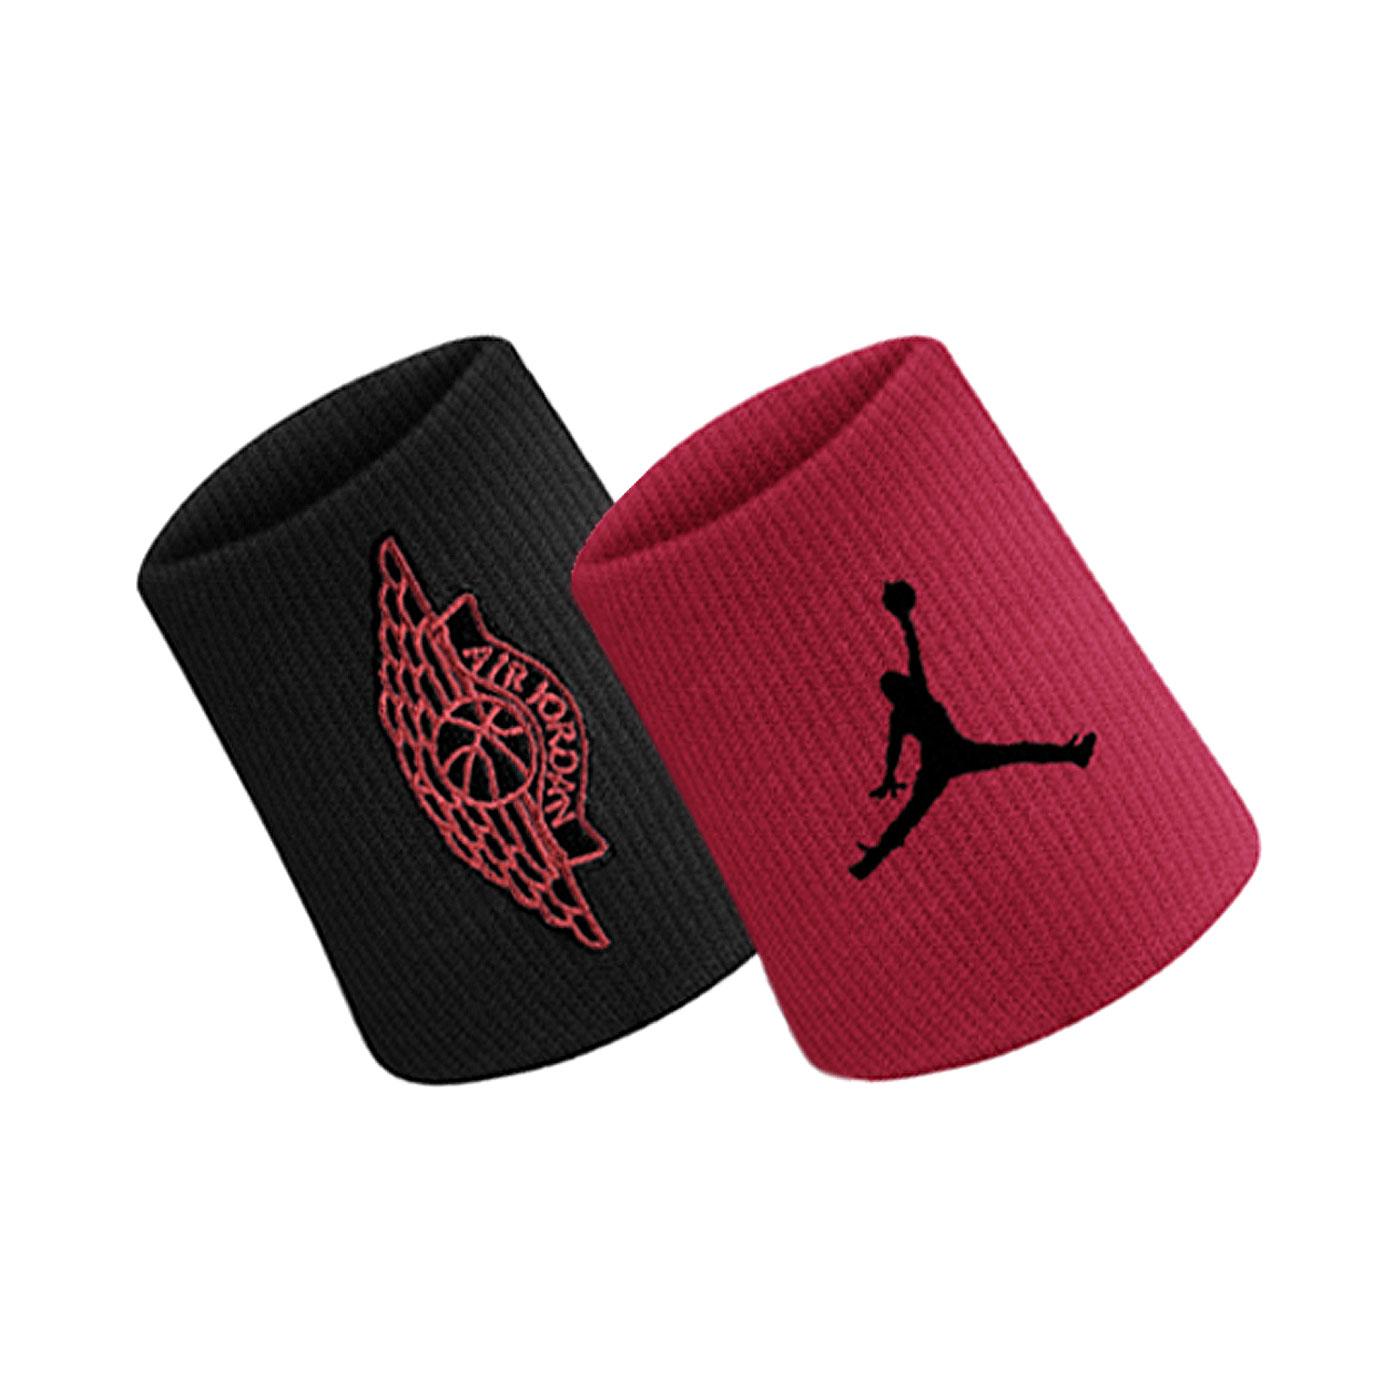 NIKE JORDAN WINGS 2.0 腕帶 J0003598092OS - 黑紅